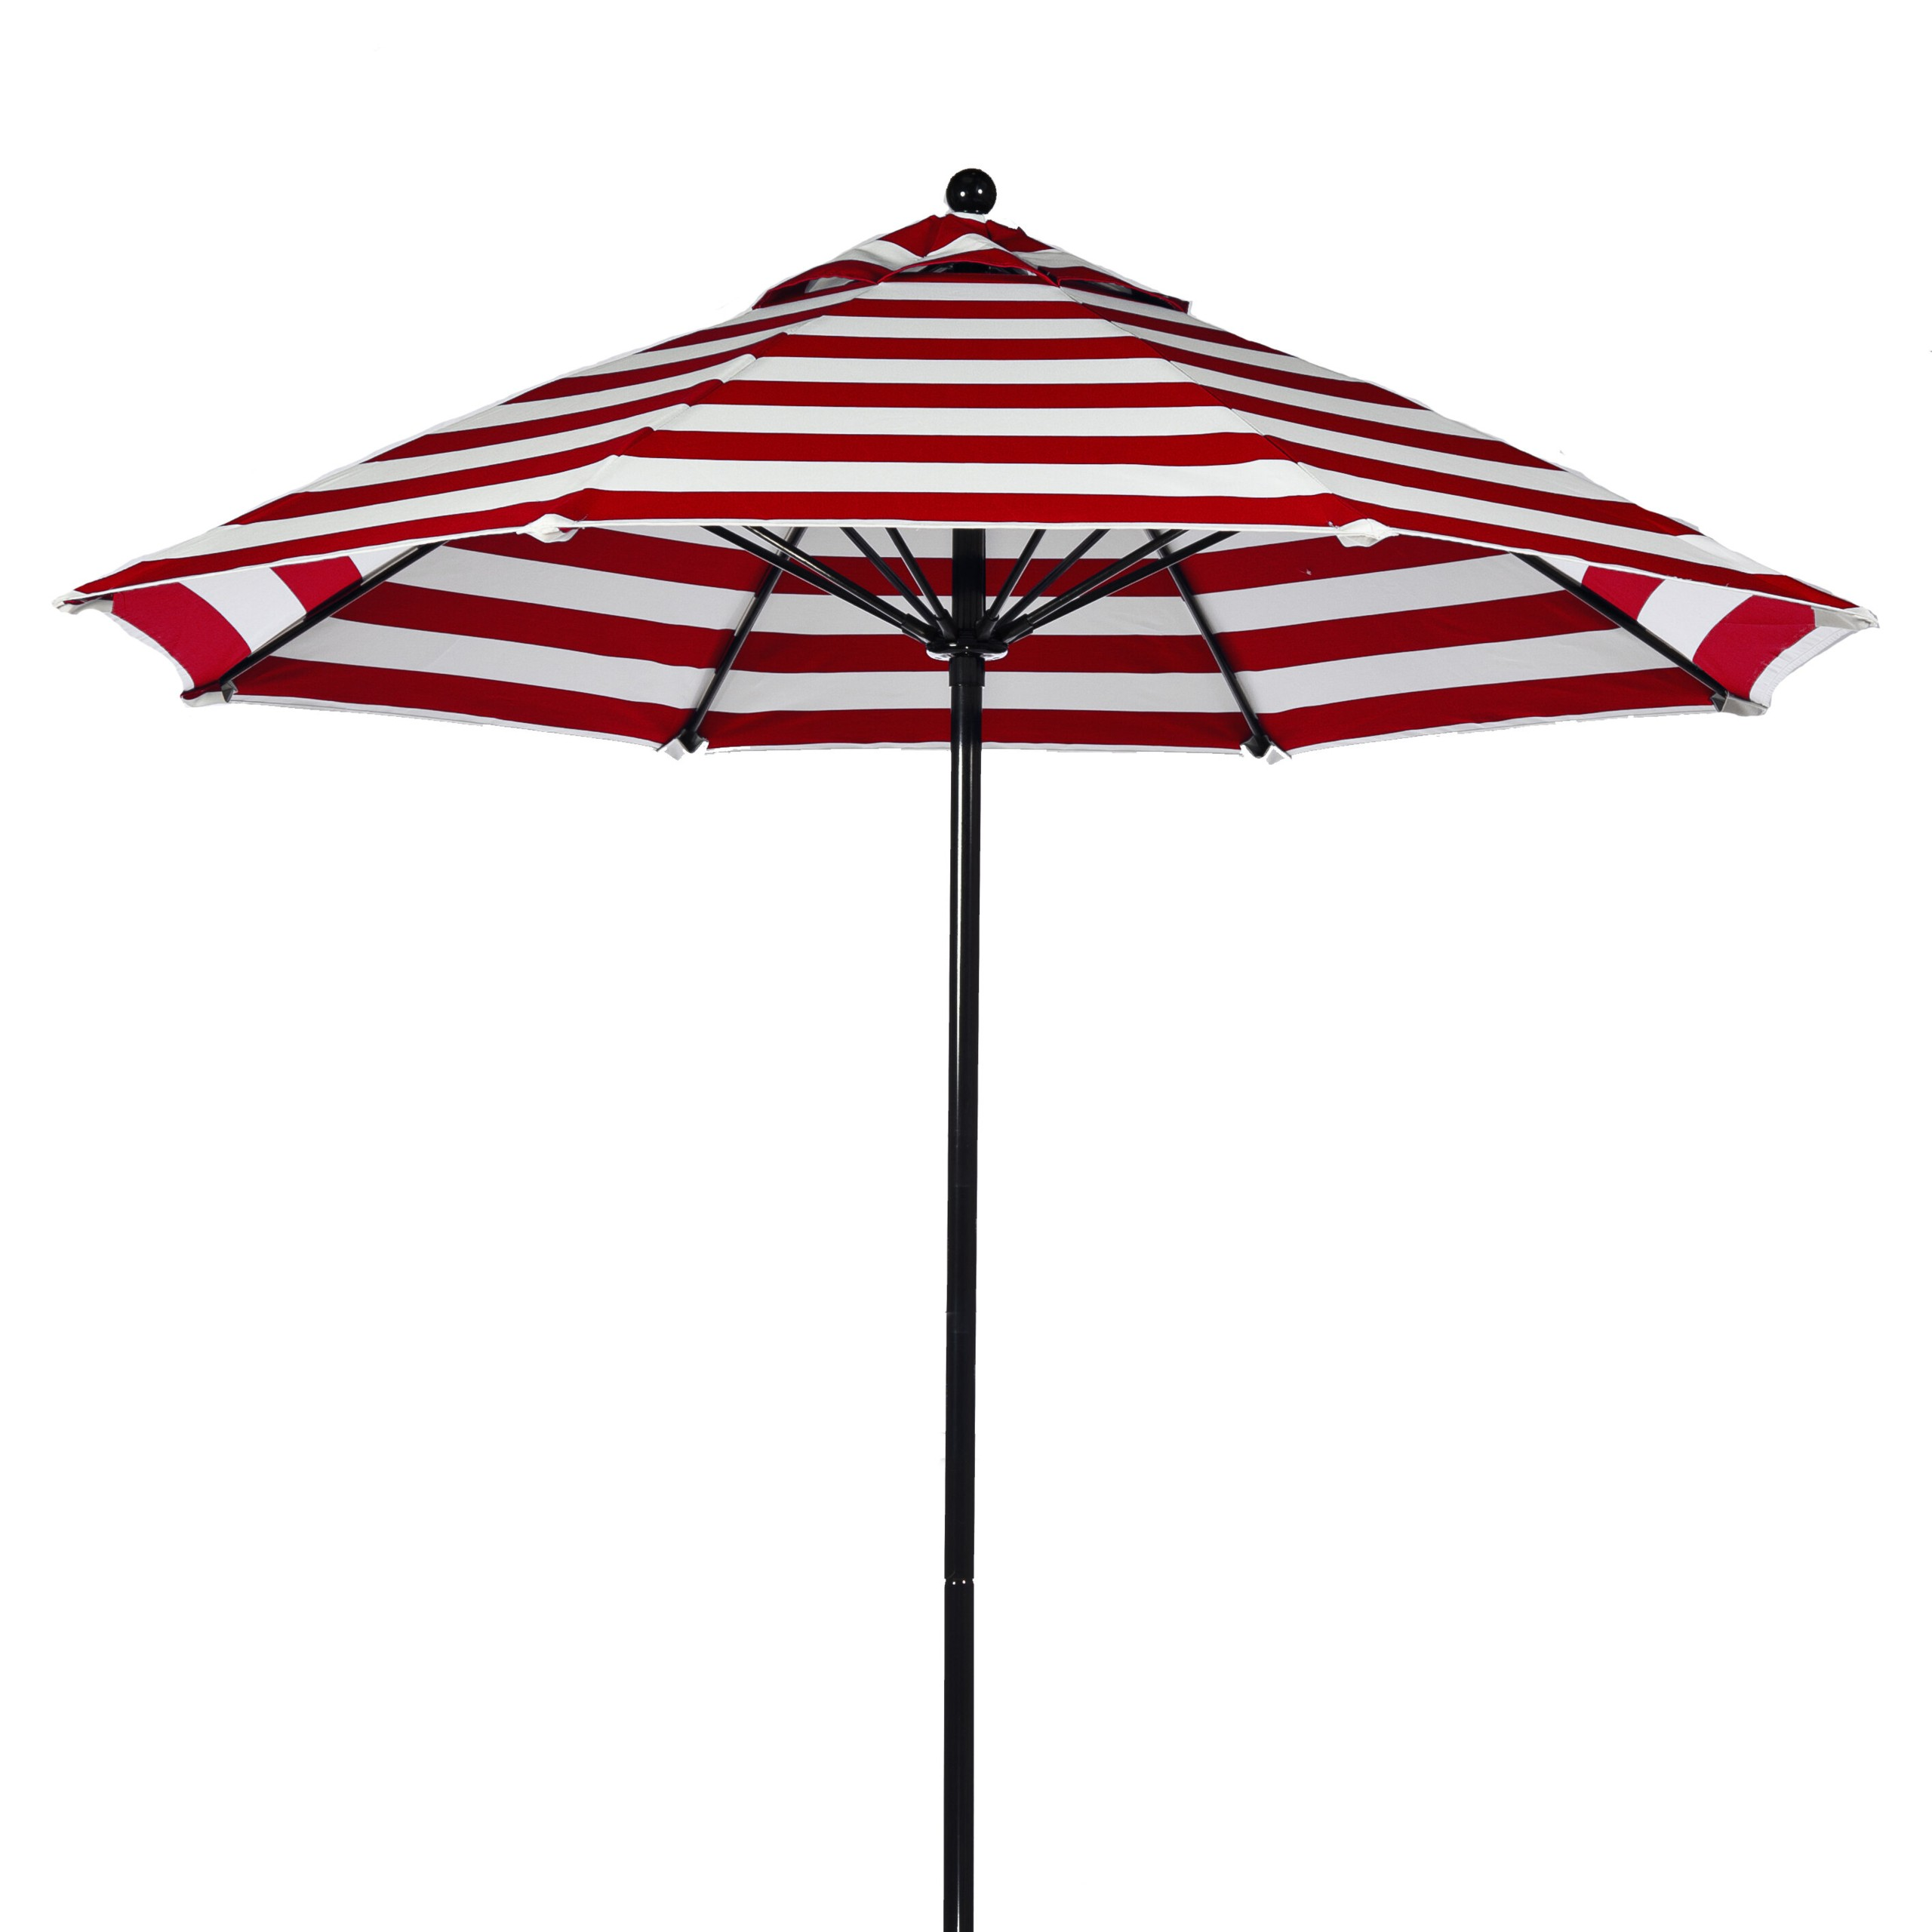 Frankford Umbrella Frankford Umbrella 7.5 Ft. Wind Resistant Commercial  Grade Market Umbrella